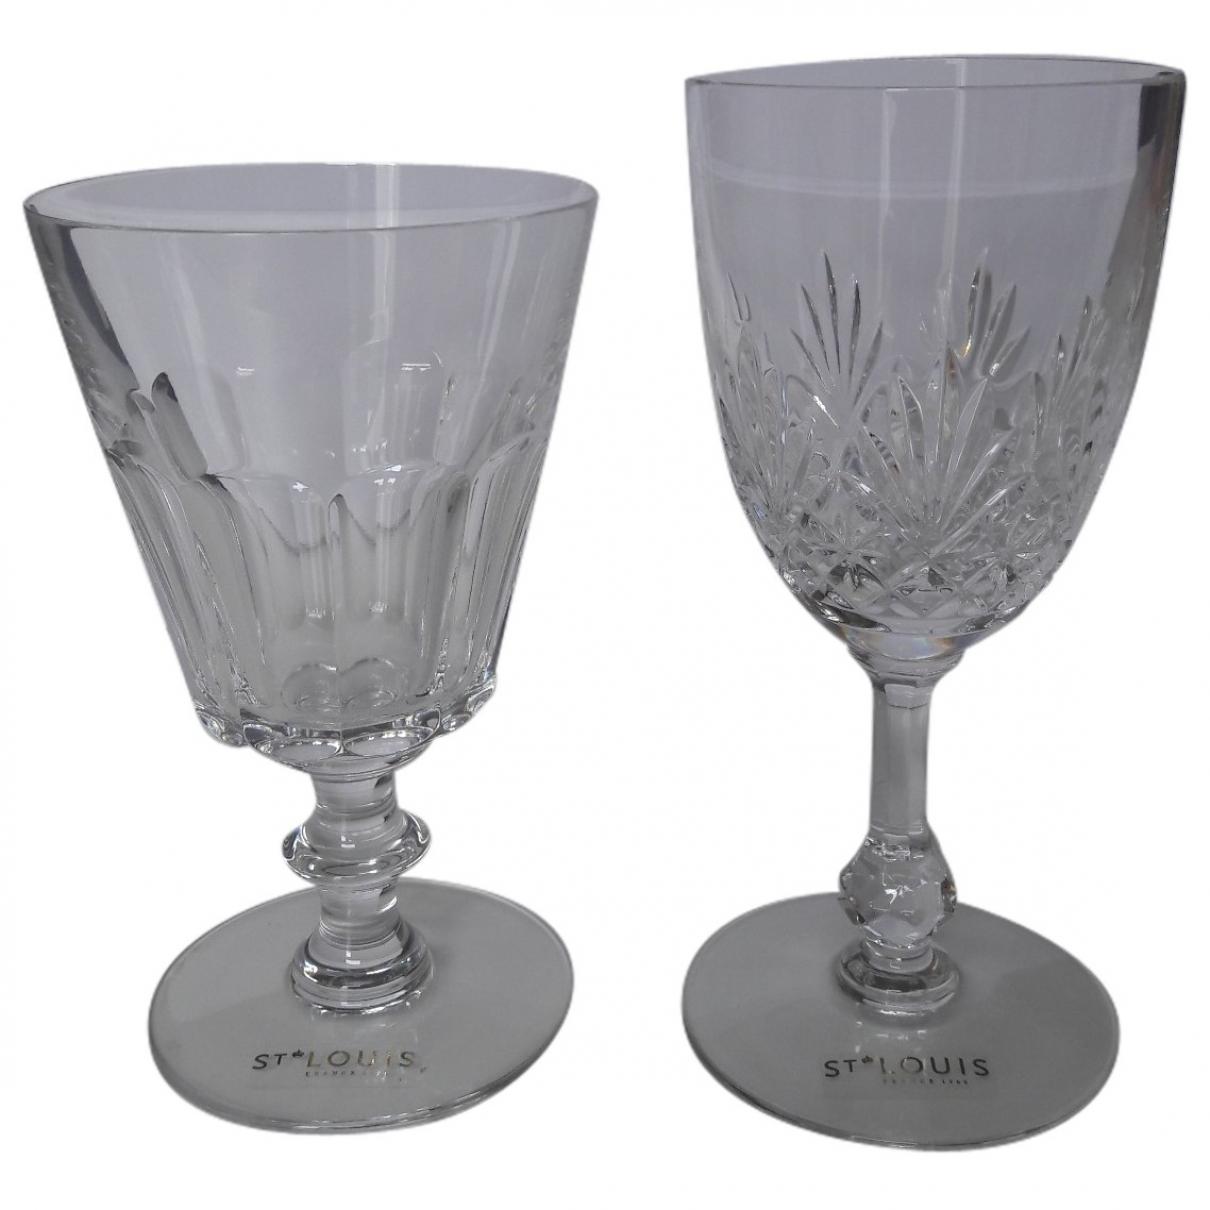 Saint-louis - Arts de la table   pour lifestyle en cristal - blanc